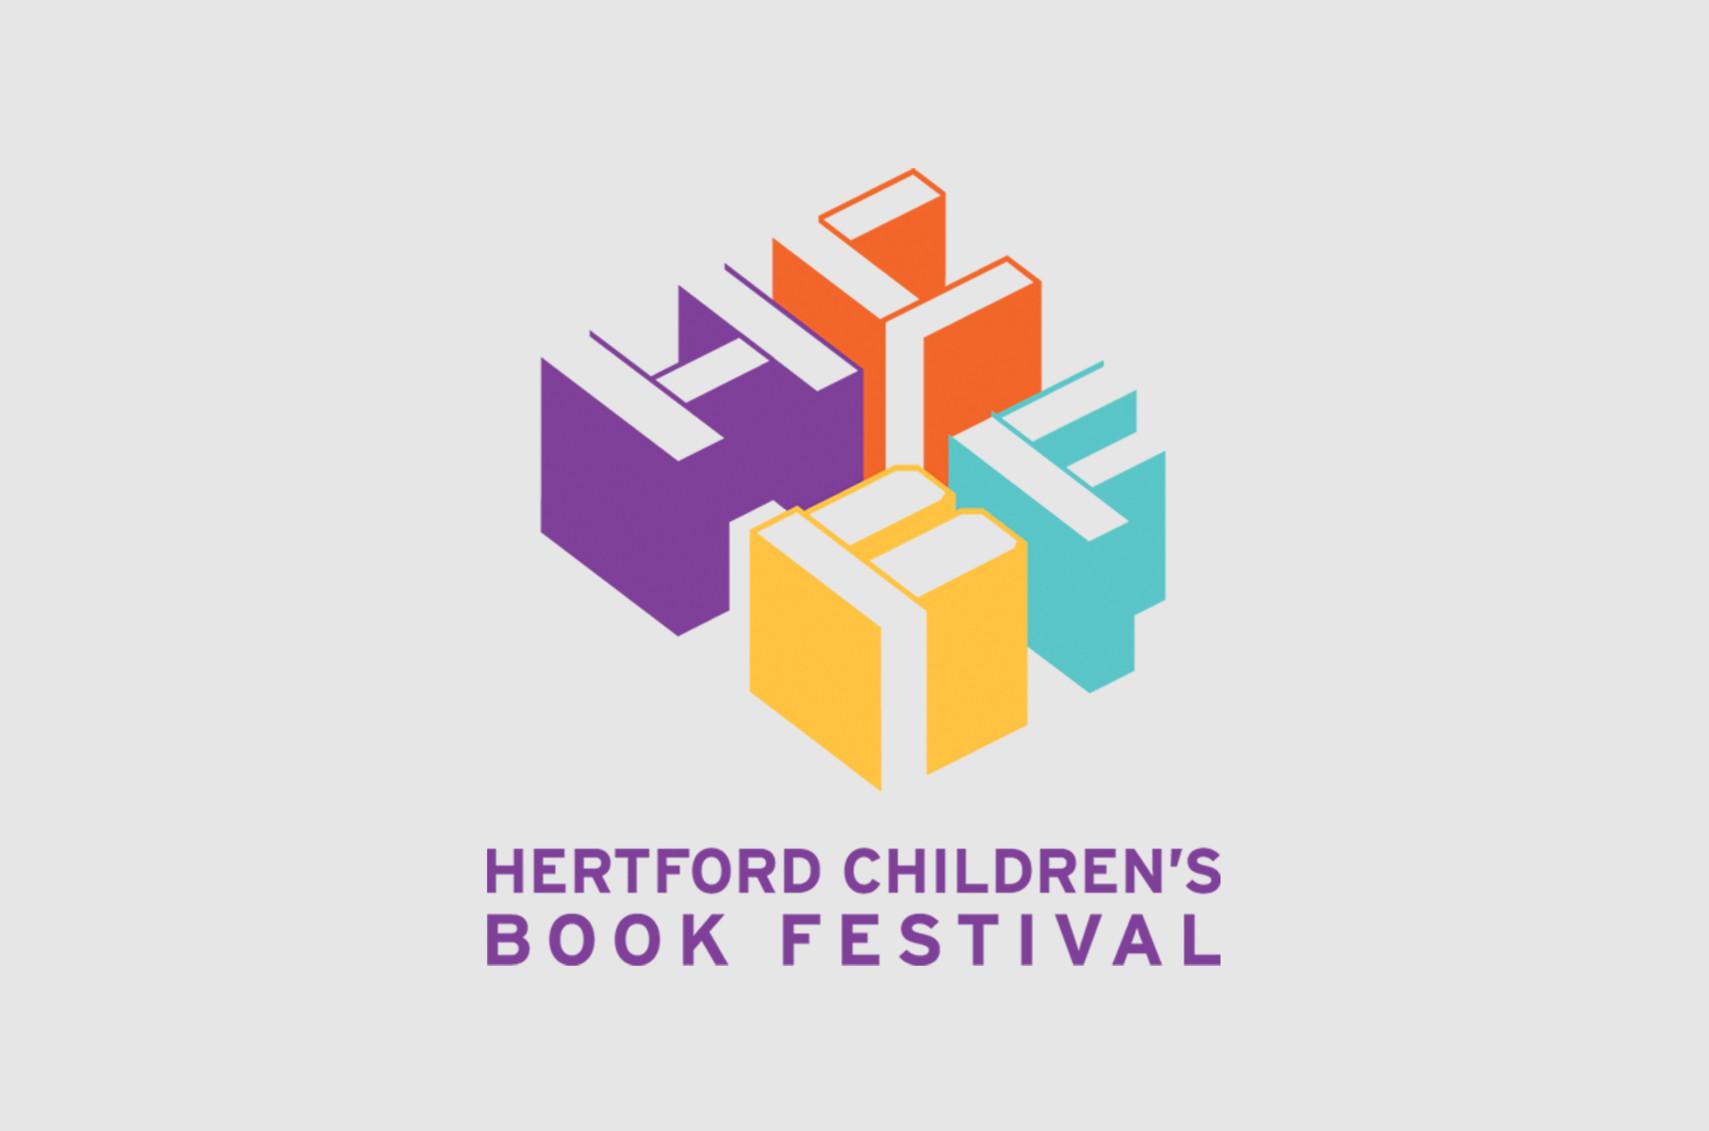 HCBF_5a_Logo.jpg